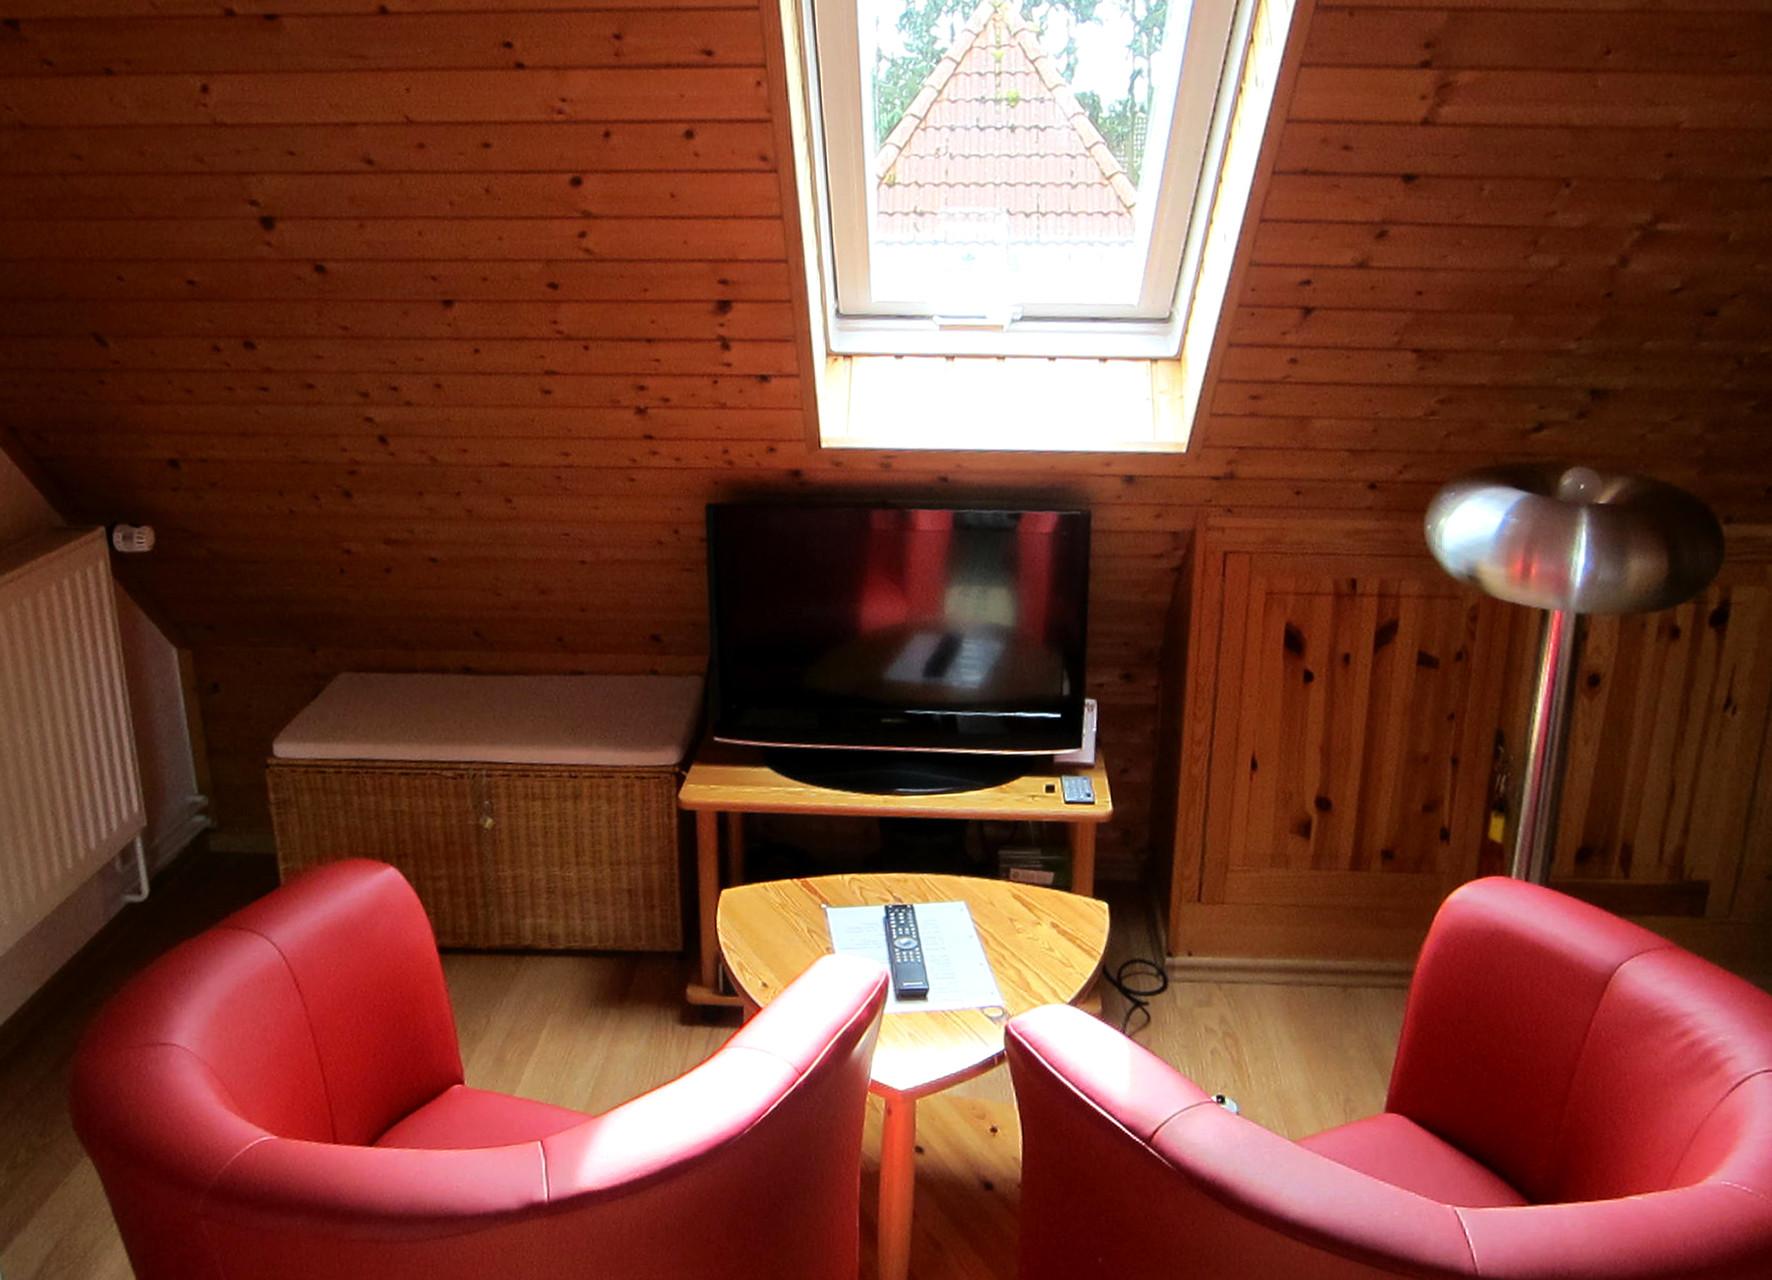 Sitzgruppe mit Tisch und TV